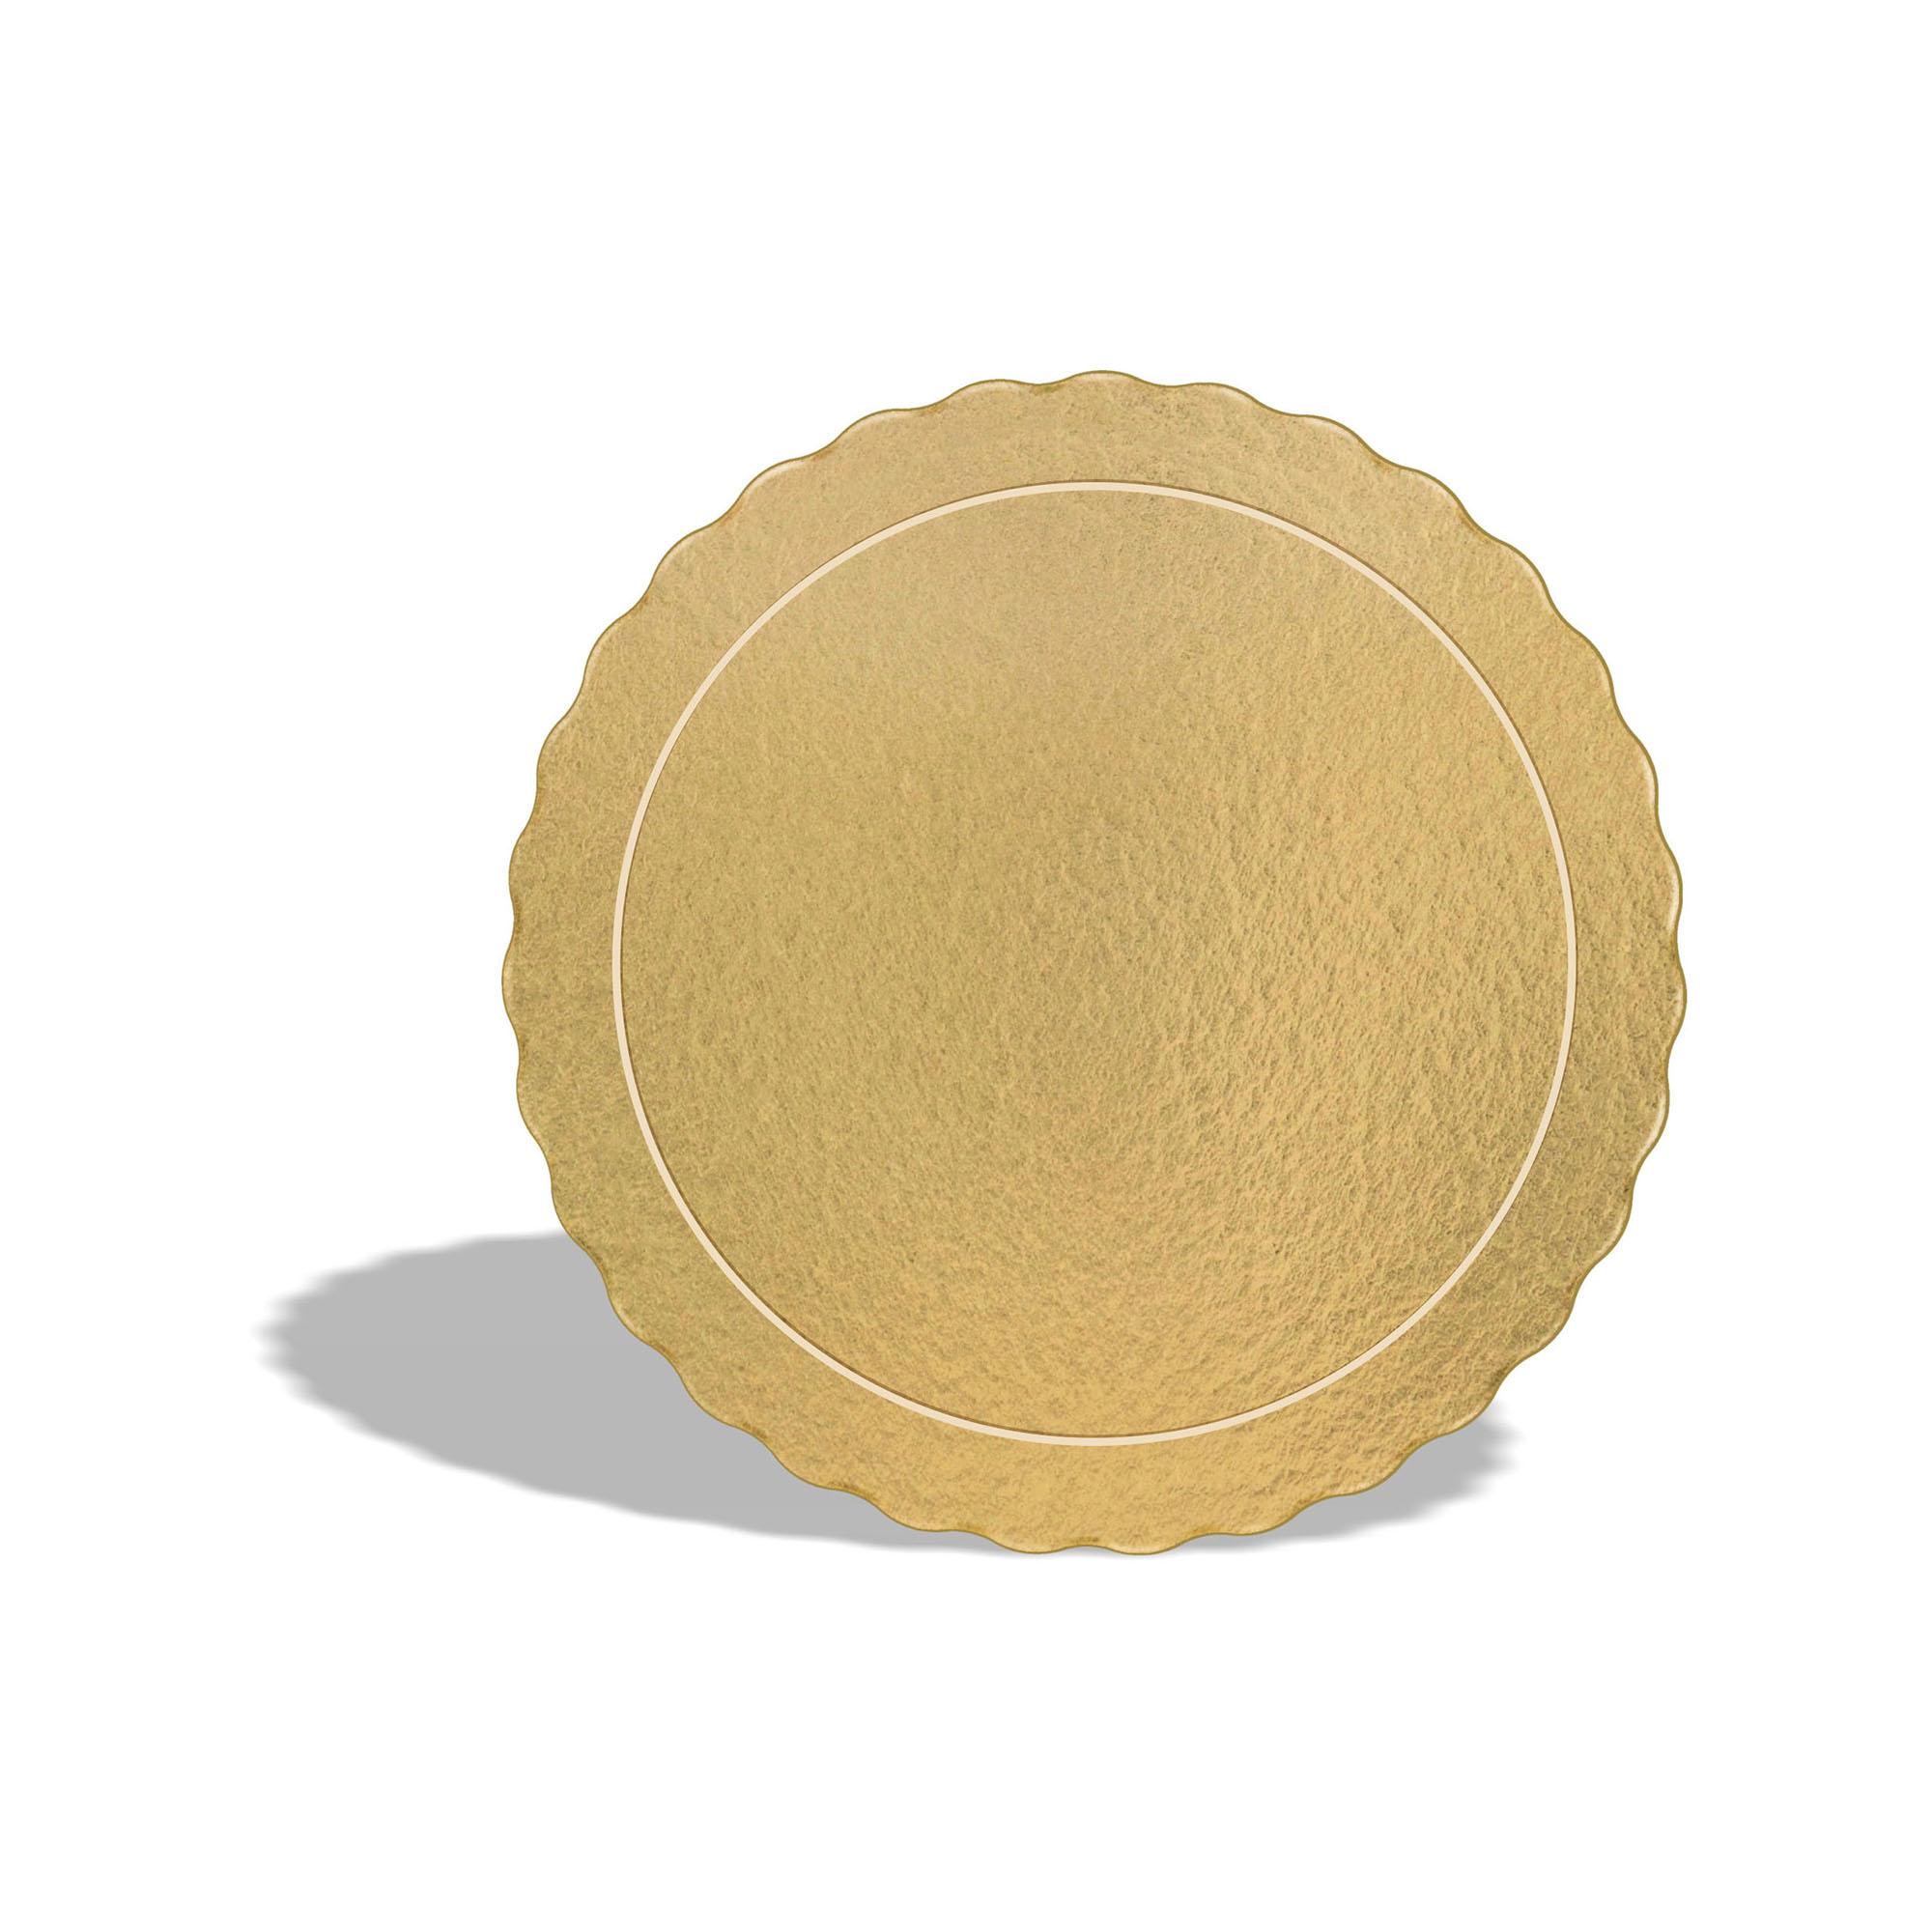 50 Bases Laminadas P/ Bolo 32cm - Ouro